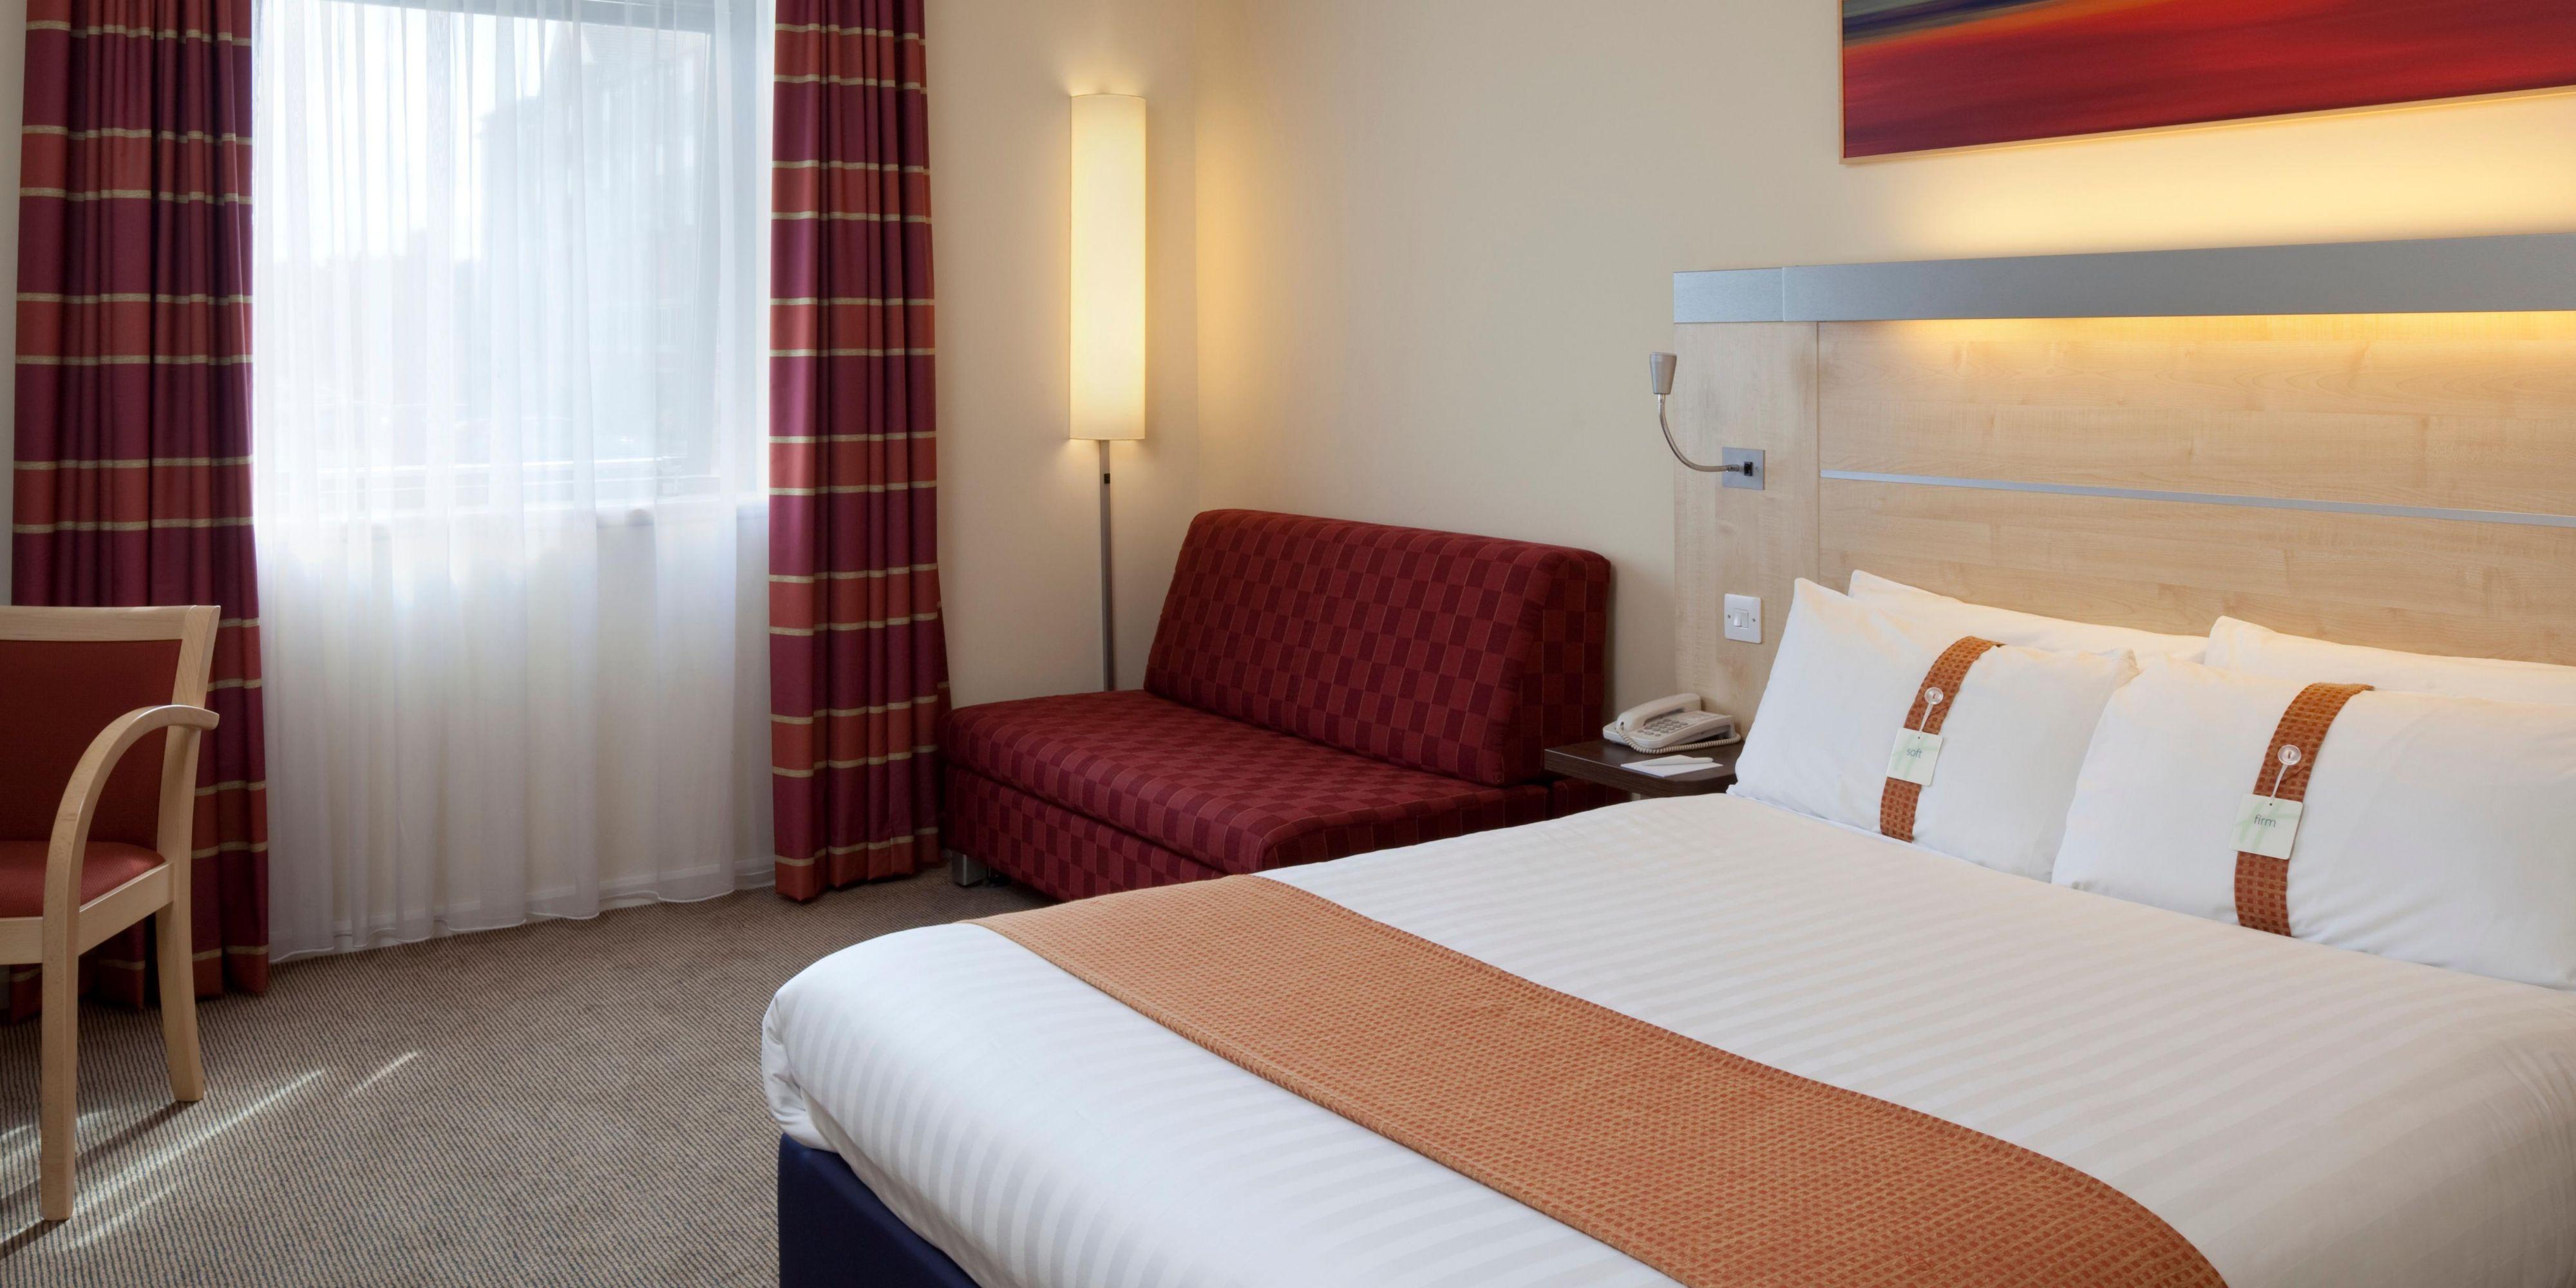 Holiday Inn Express Birmingham - Walsall Hotel by IHG on